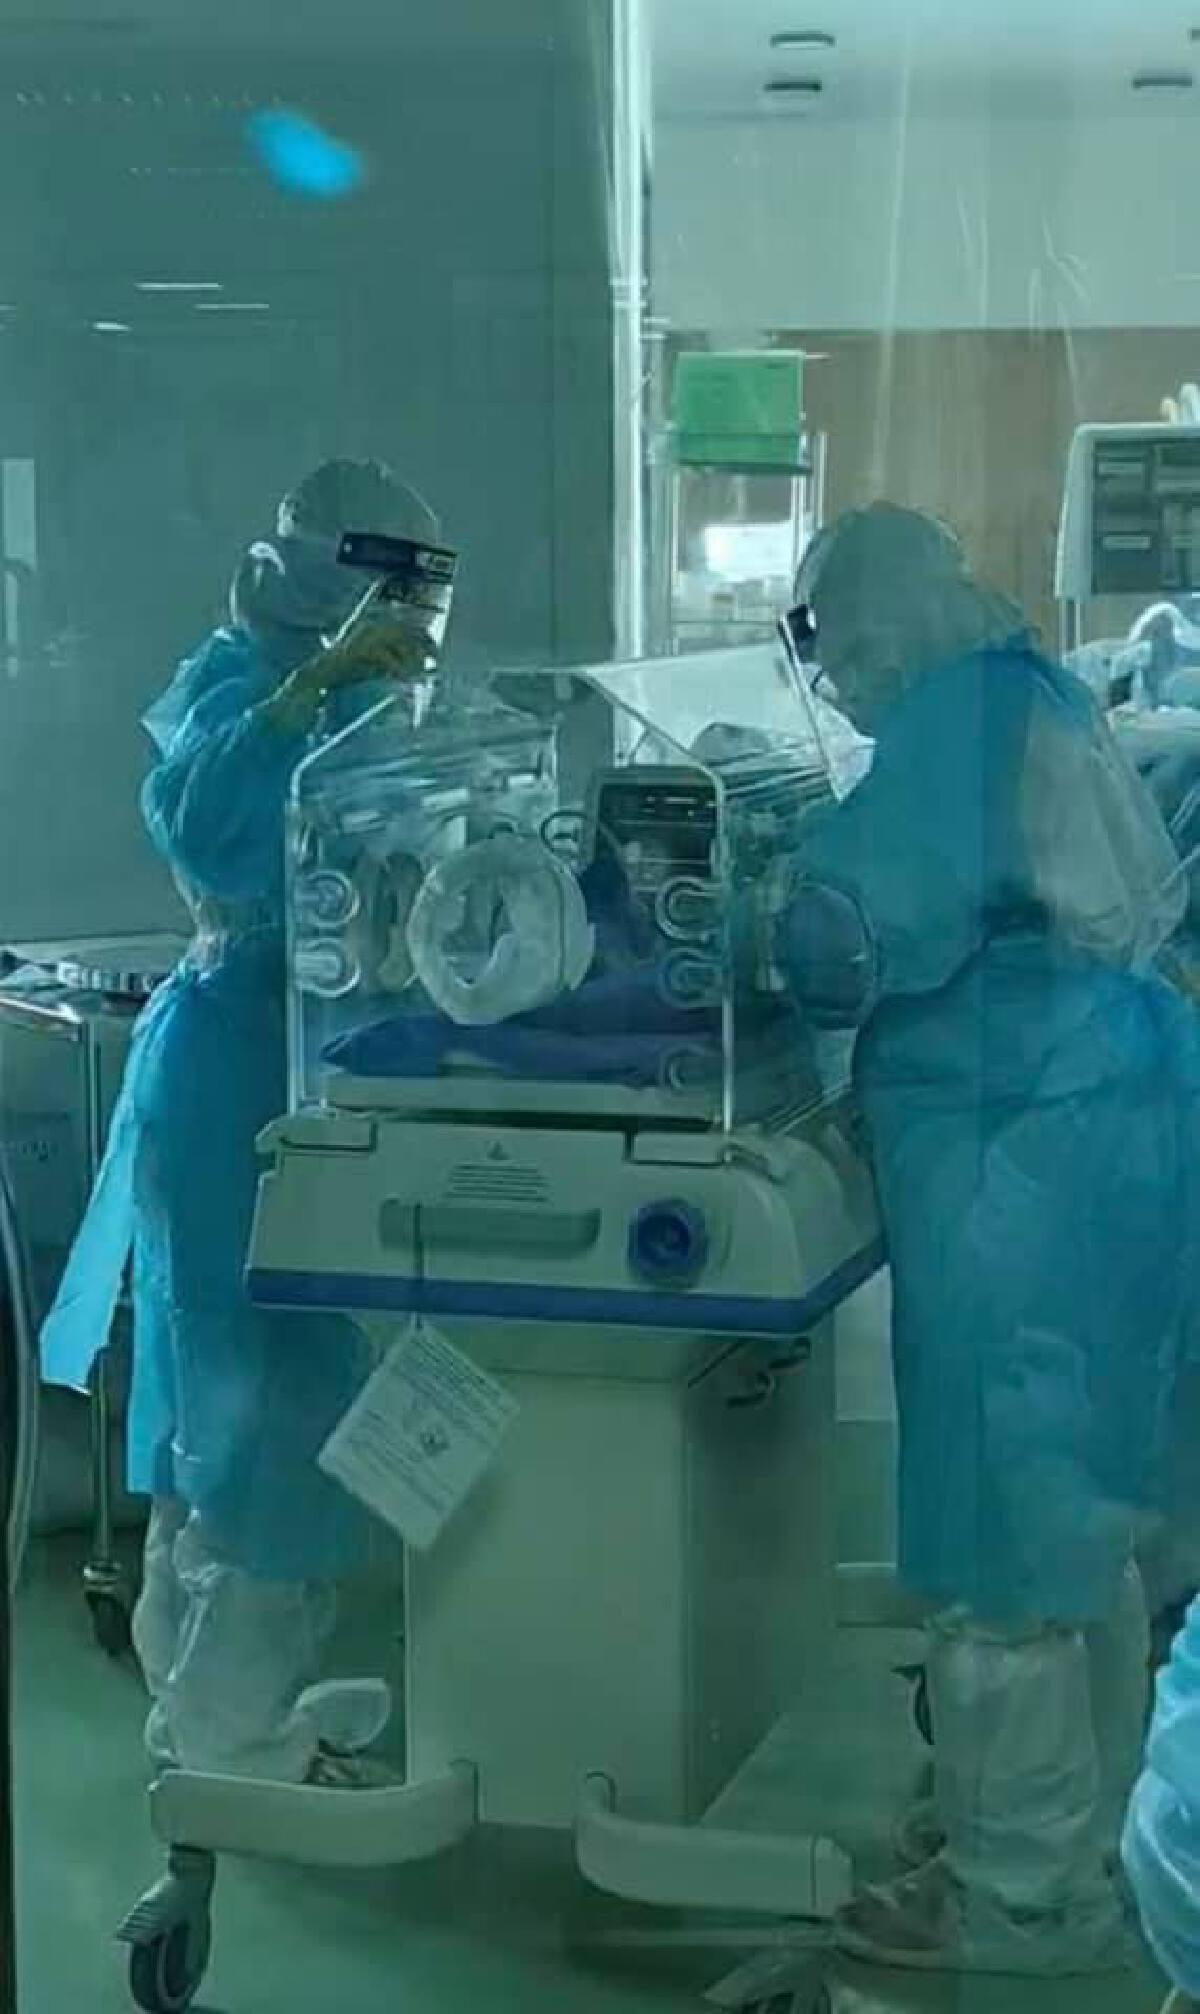 """บีบหัวใจ """"ทีมแพทย์"""" กว่า 15 ชีวิต ช่วยเหลือหญิงตั้งครรภ์ติดโควิดพร้อมทารก"""